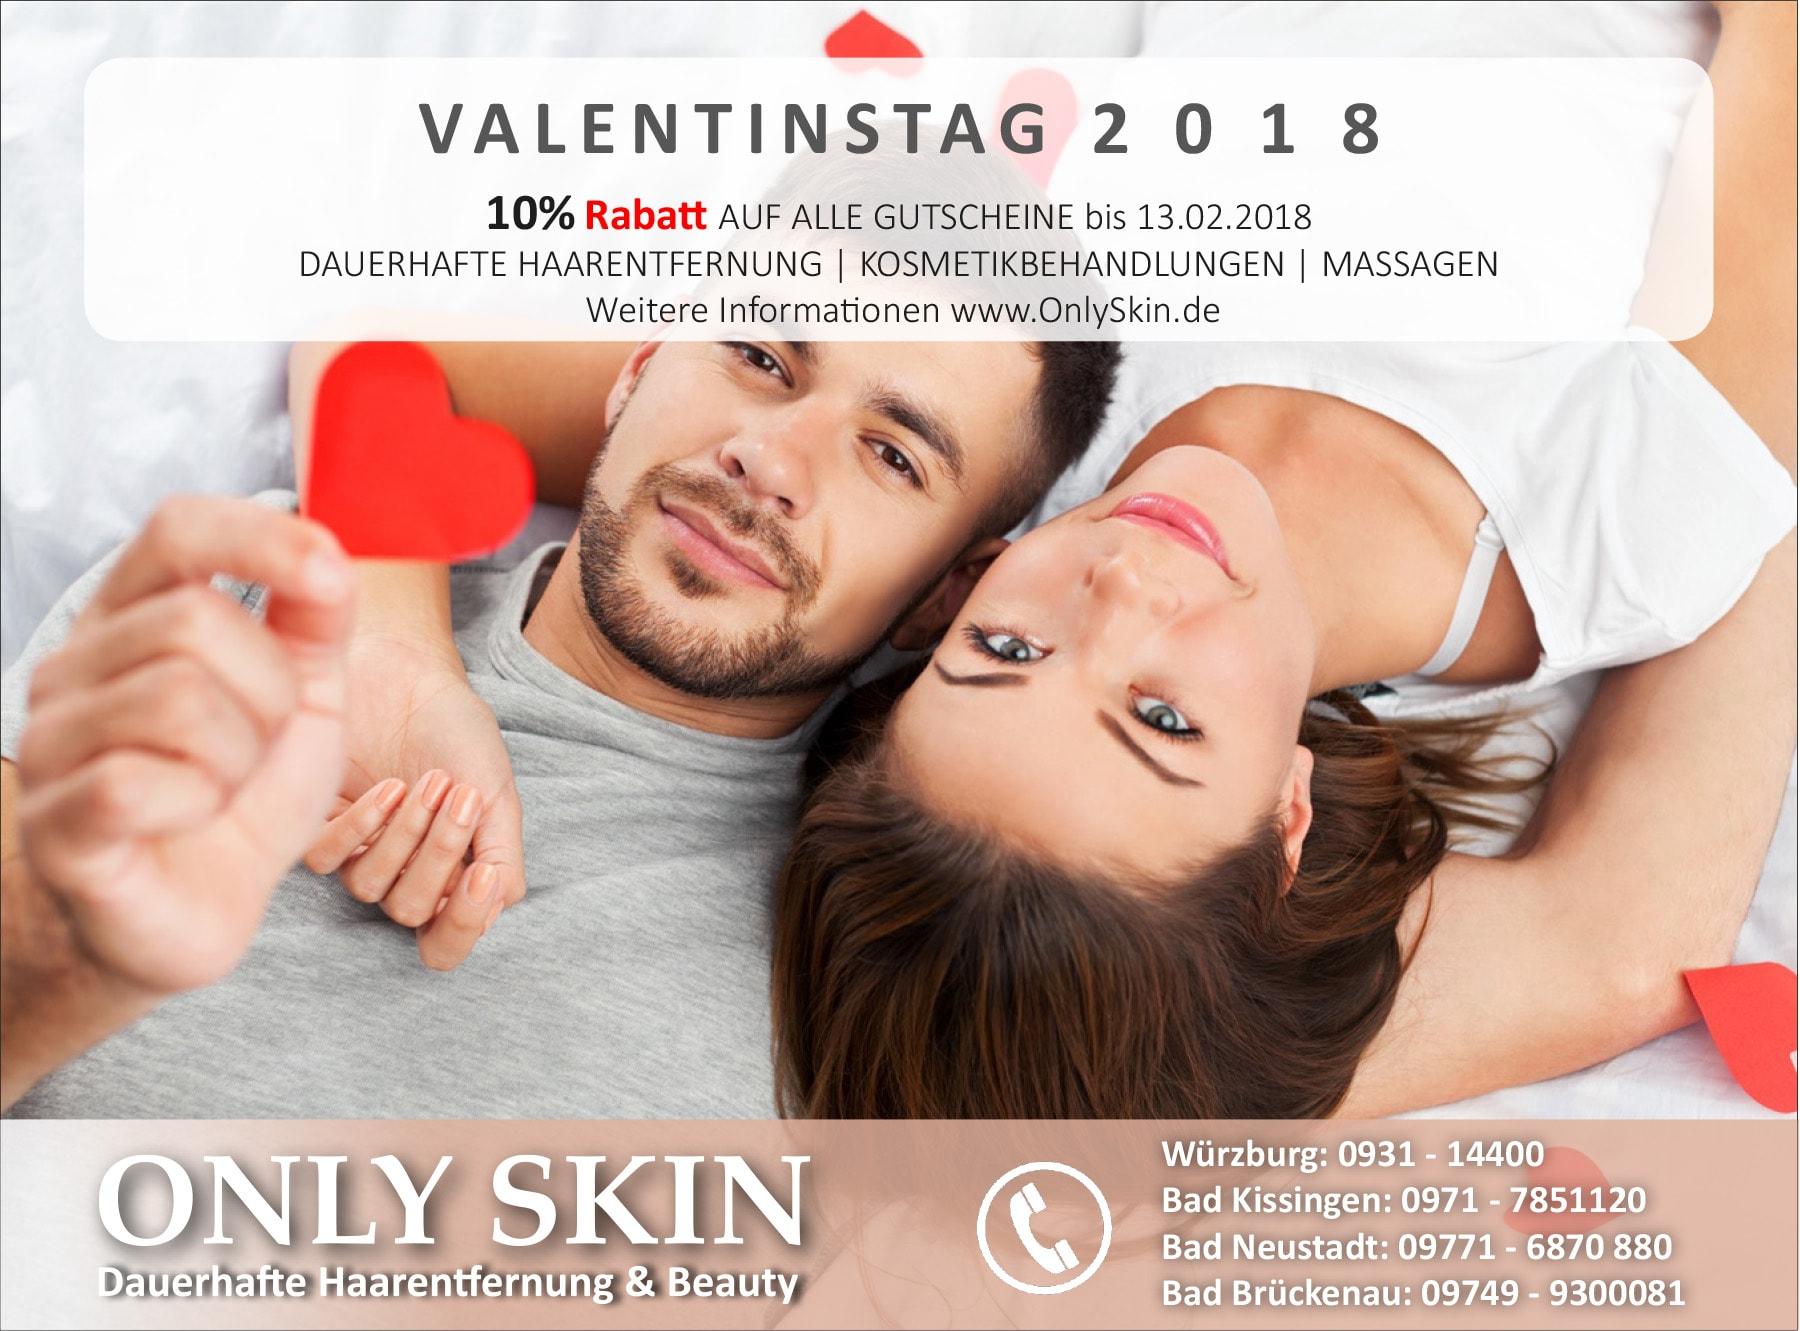 VALENTINSTAG 2018 - 10% RABATT